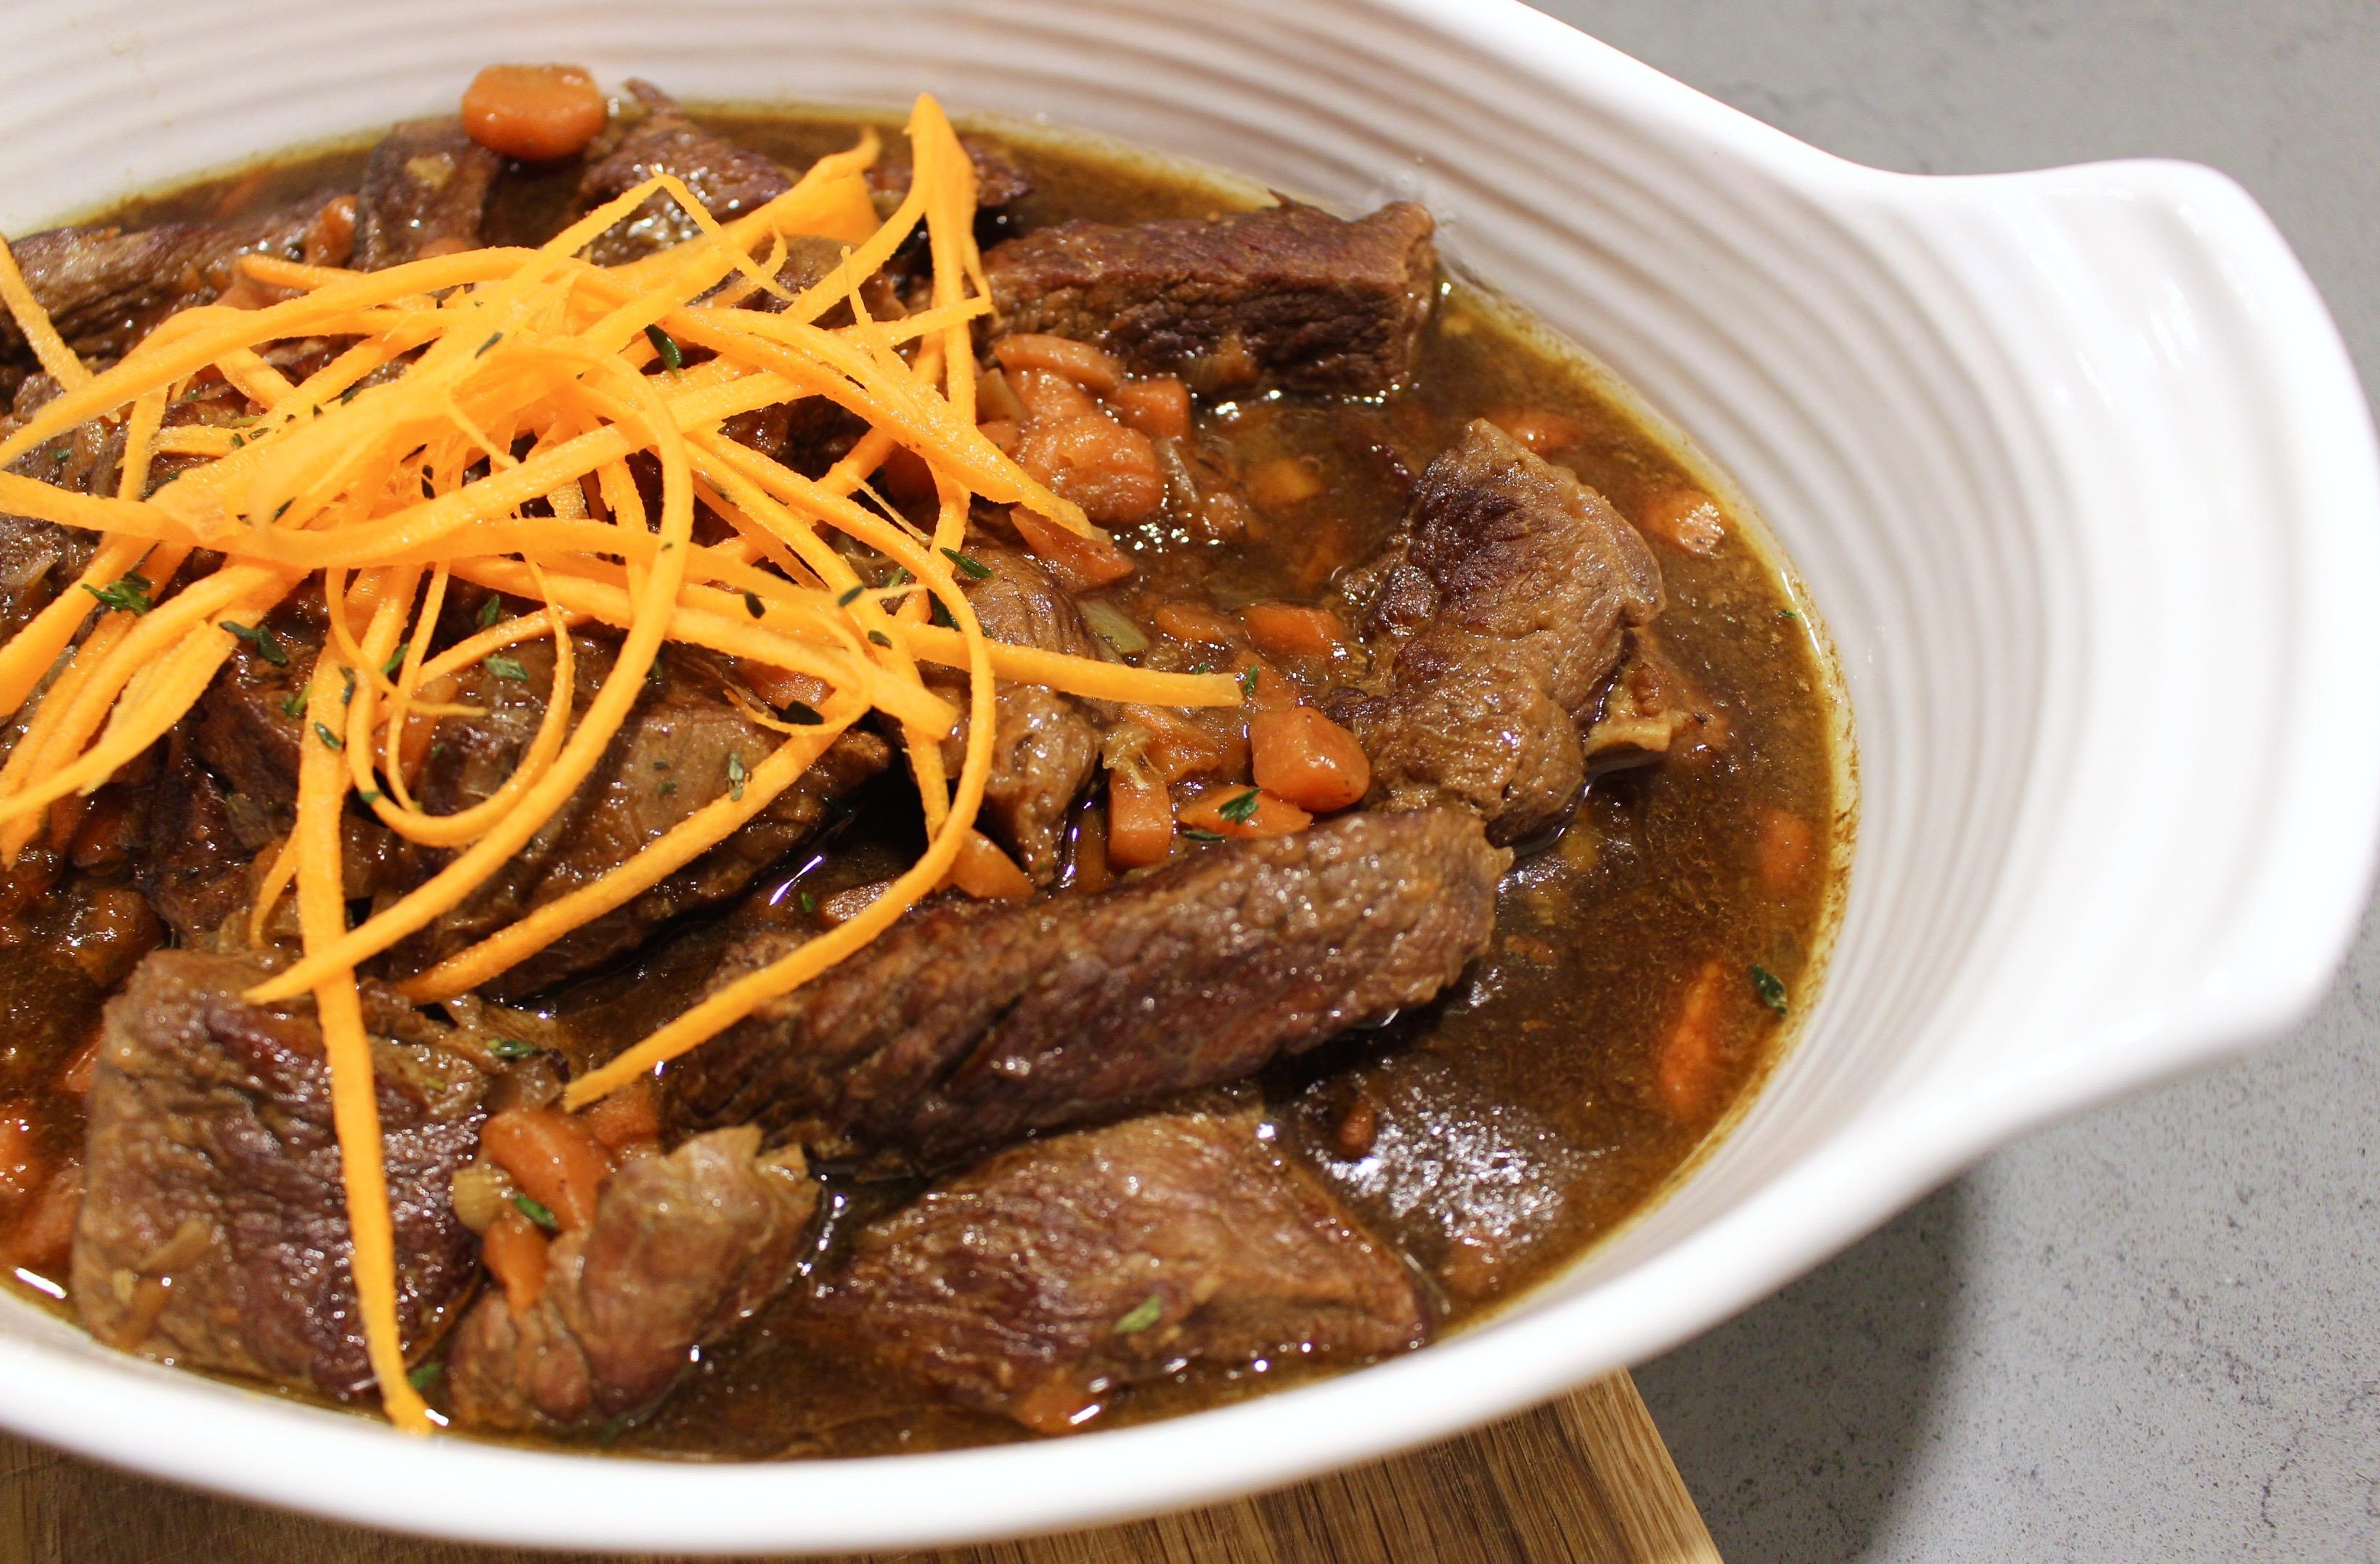 klassisk-irlandsk-kottgryta-beef-stew